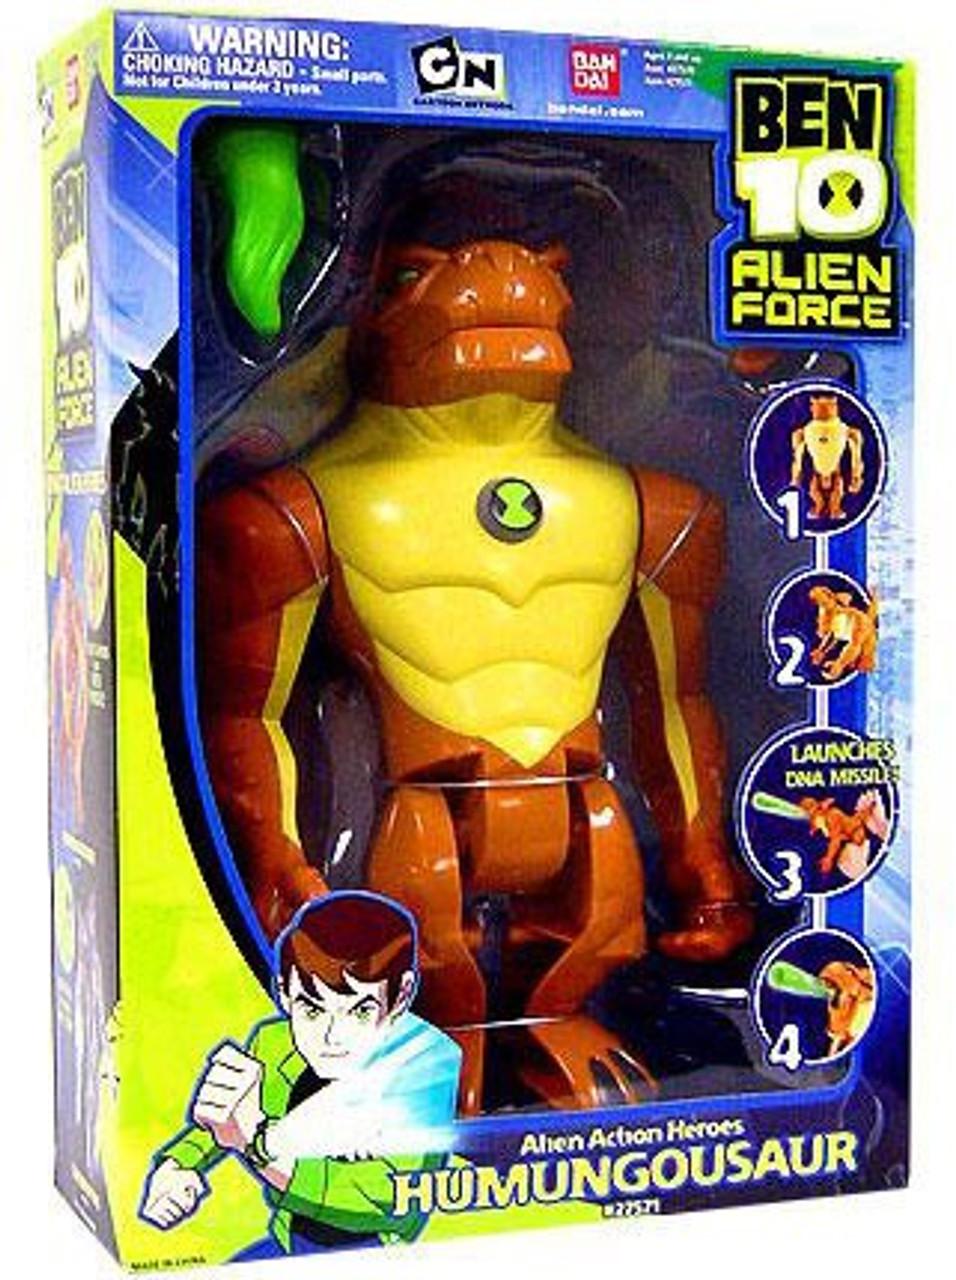 Ben 10 Alien Force Alien Action Heroes Humungousaur Action Figure